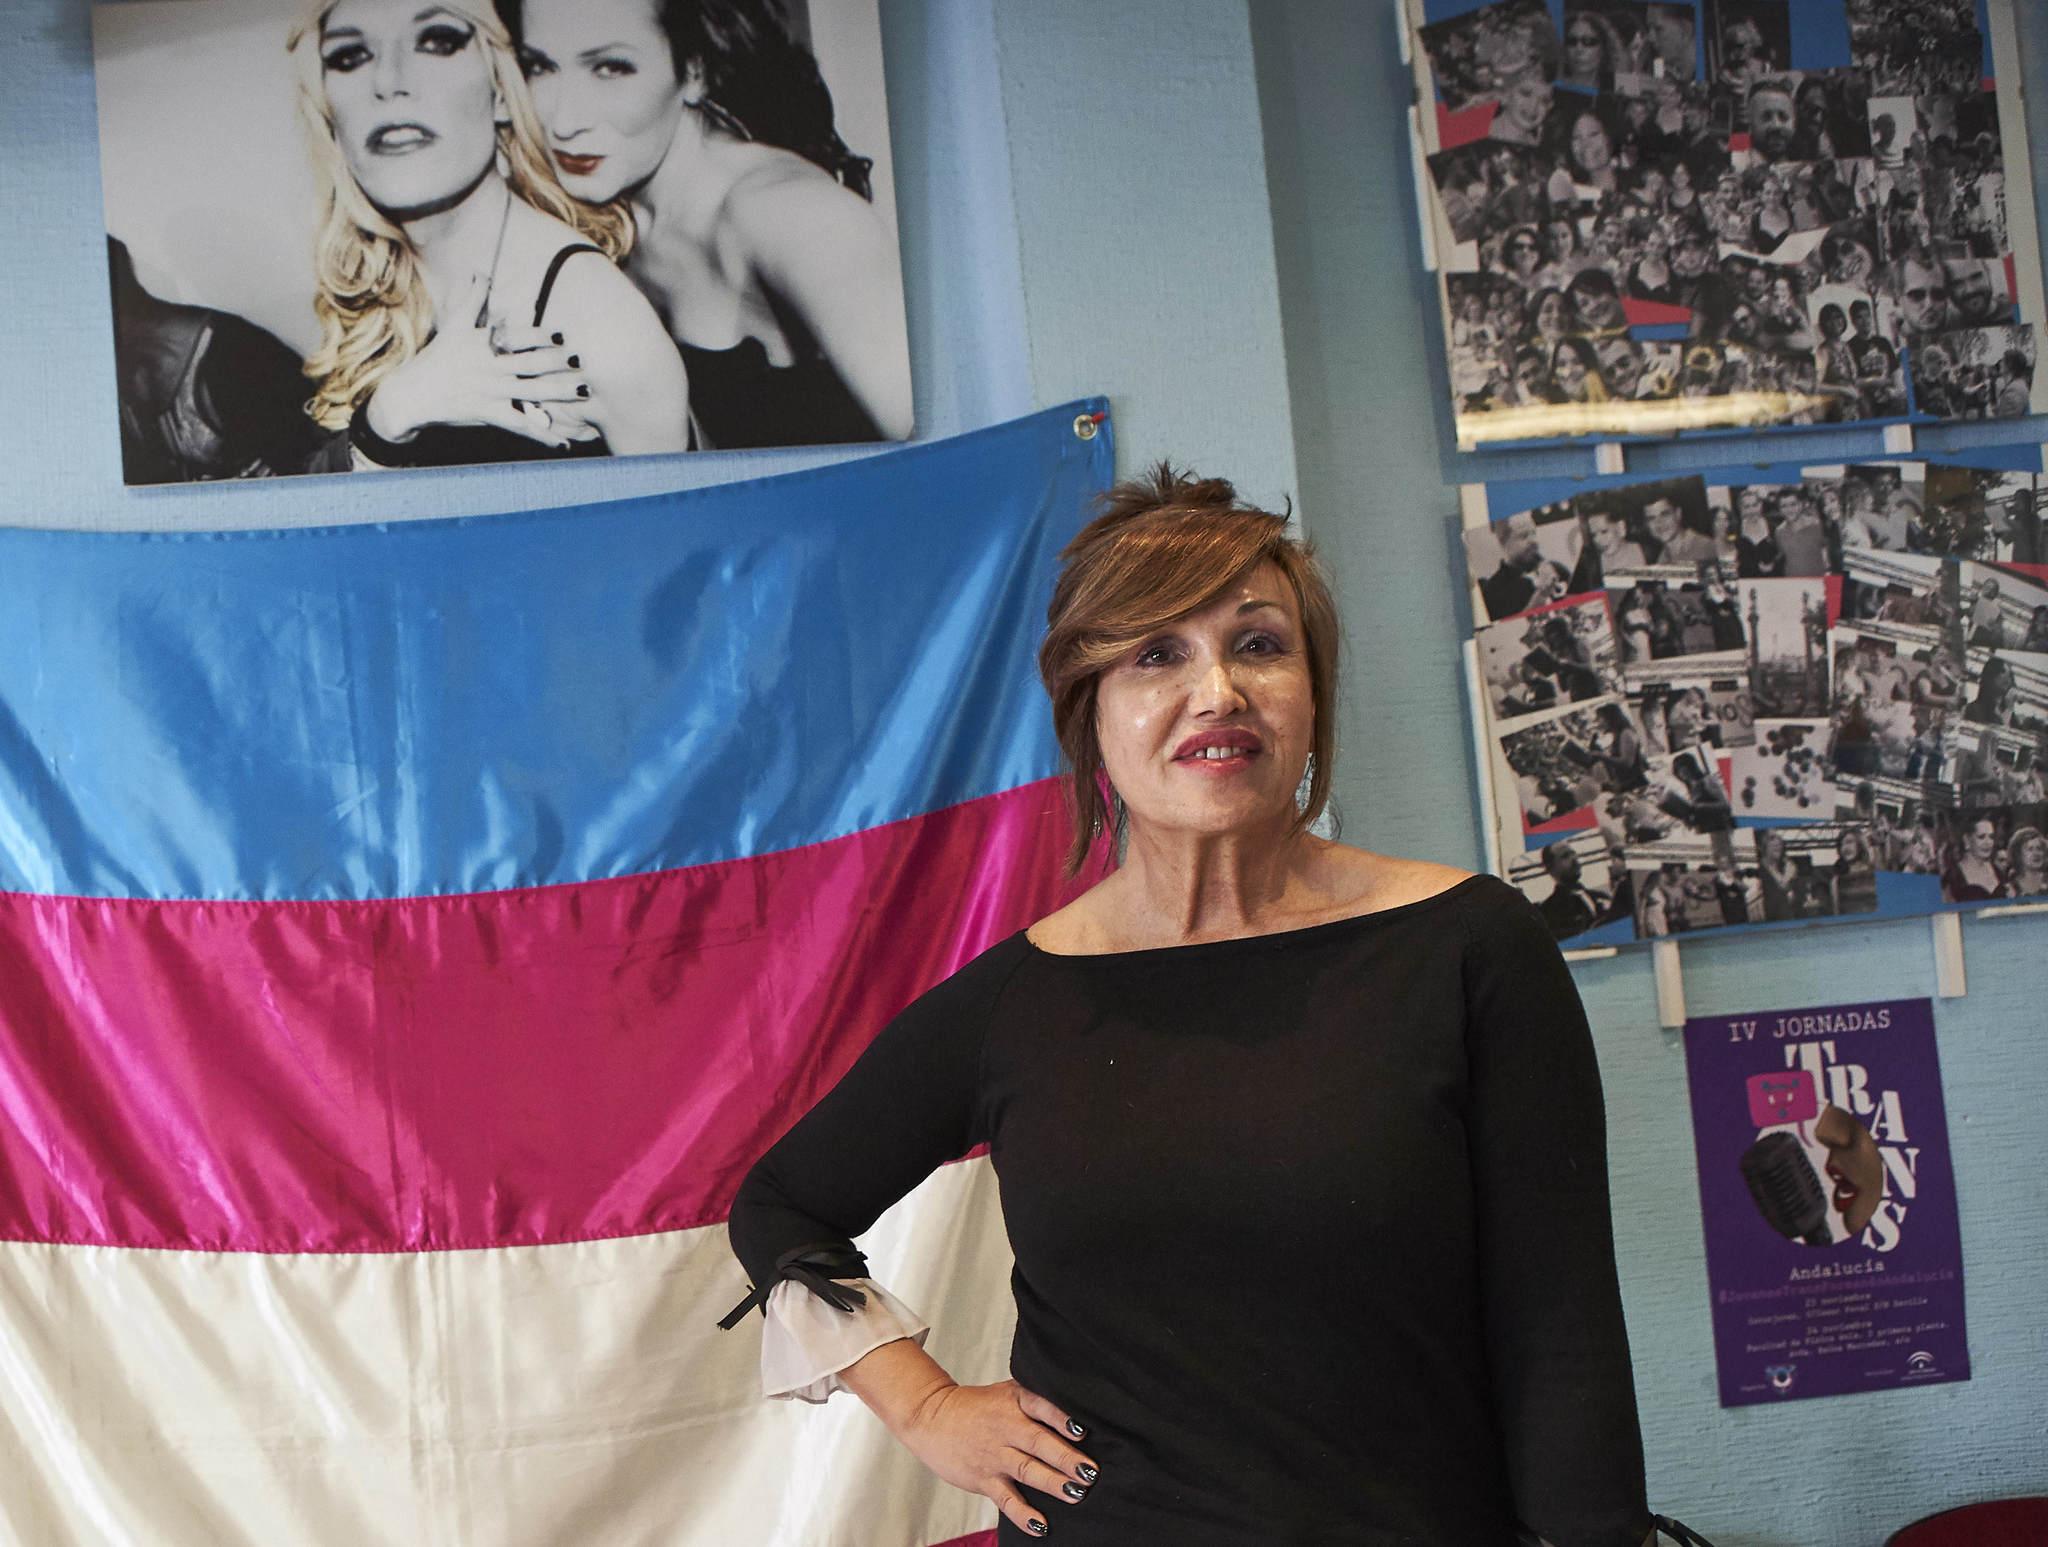 Mar Cambrollé, ante la bandera de los transexuales, en la sede en Sevilla de su asociación.